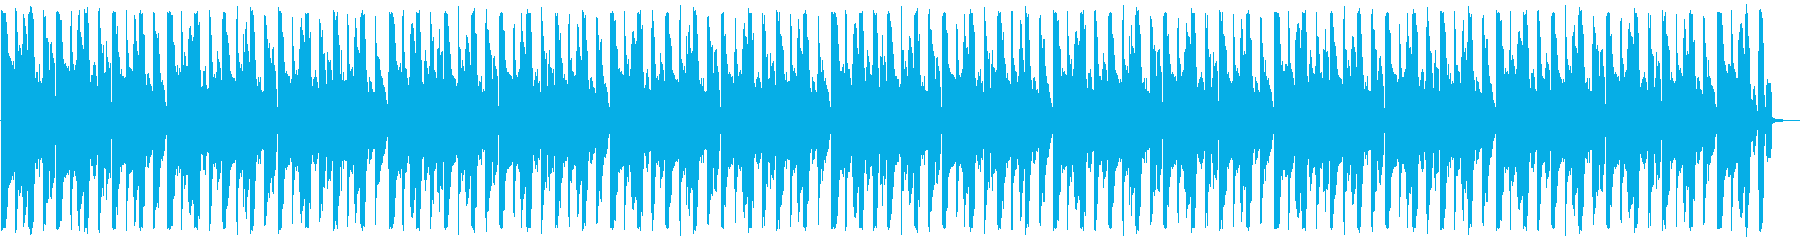 ゆったりとしたテクノ_No603_5の再生済みの波形